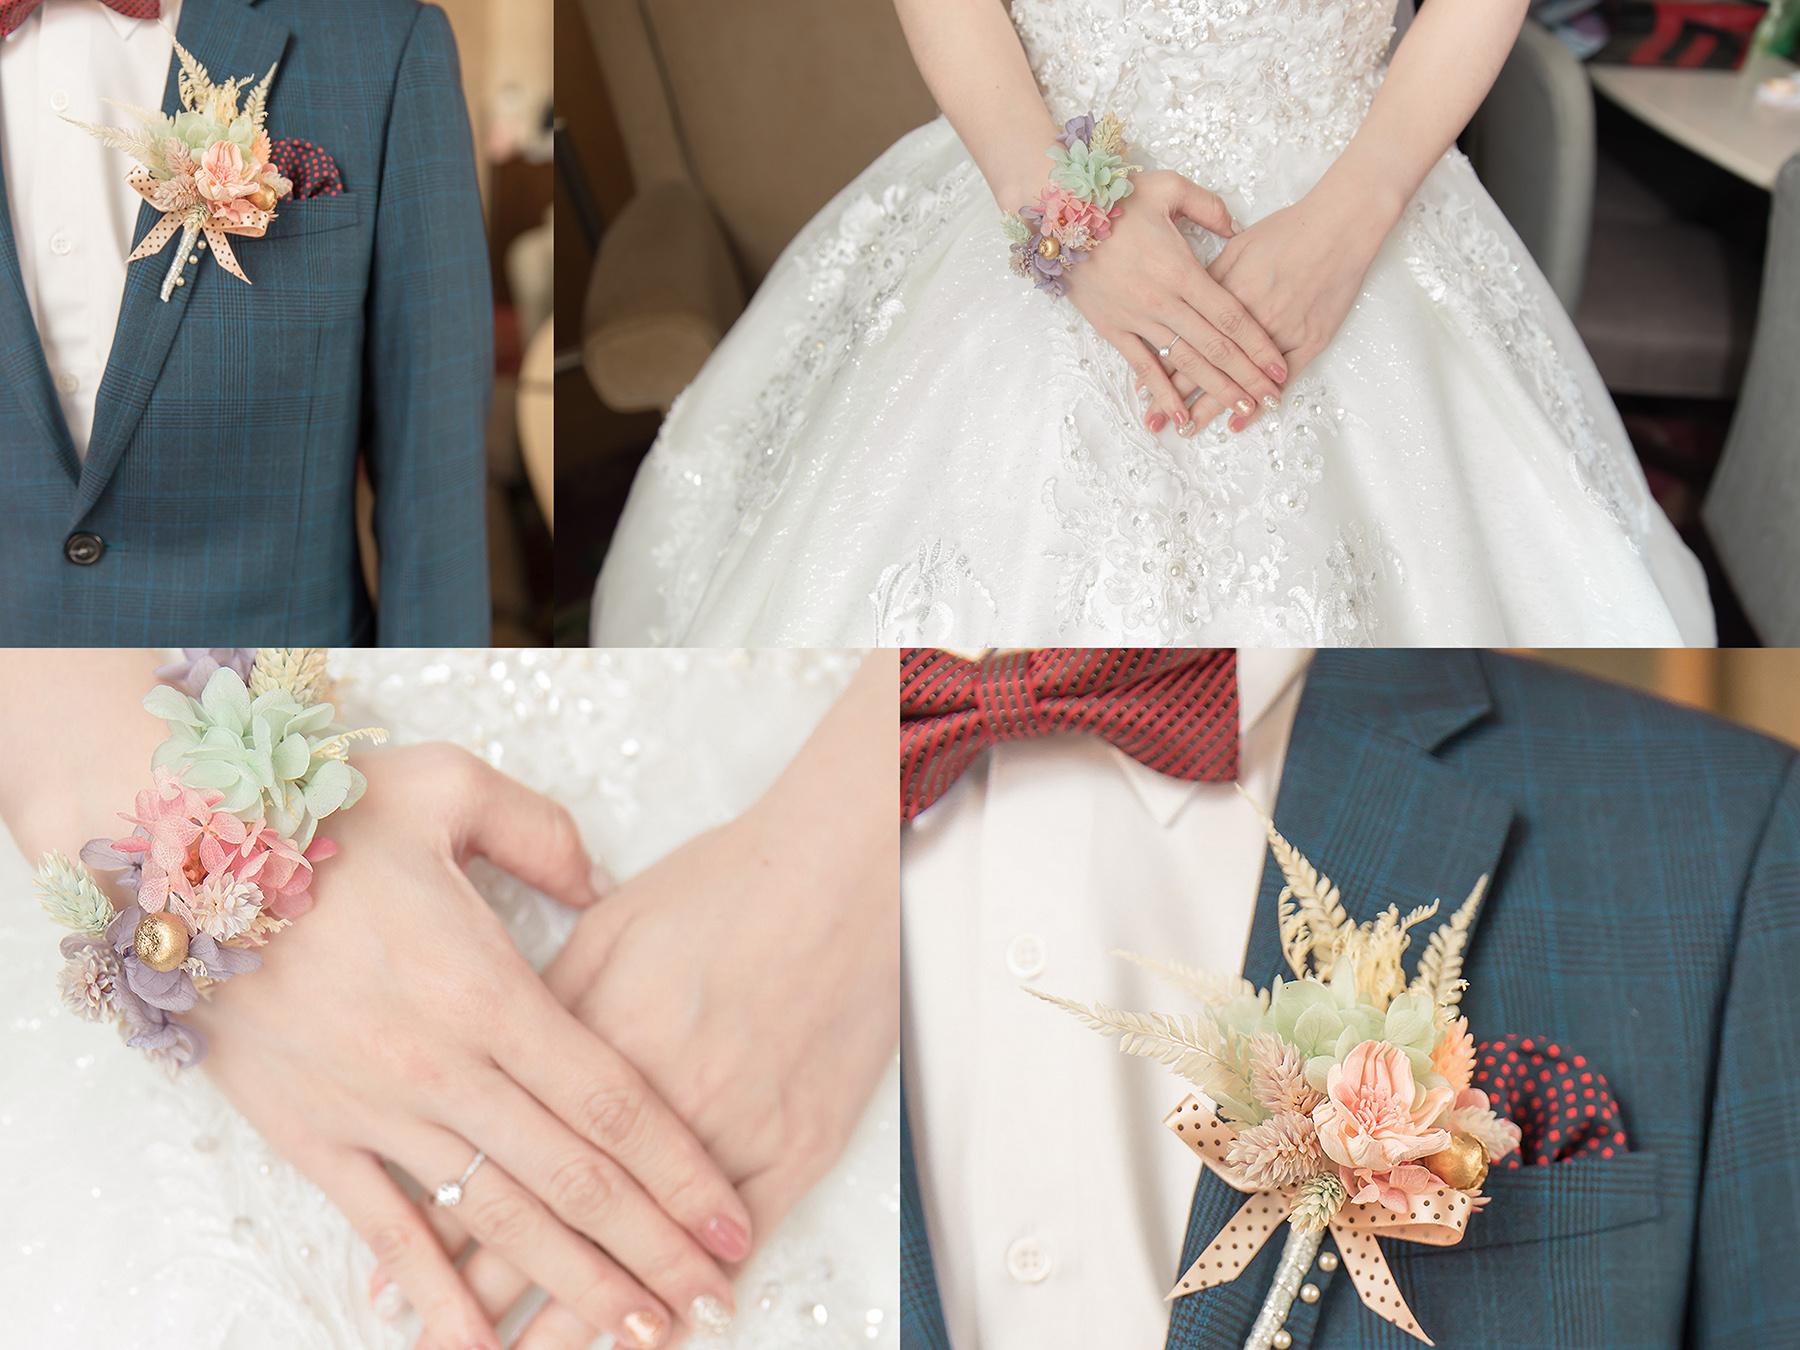 新秘Yuki, 新娘秘書, 新秘, 新娘造型, 新秘推薦 ,新娘妝容, 高雄新秘, 手腕花, 胸花